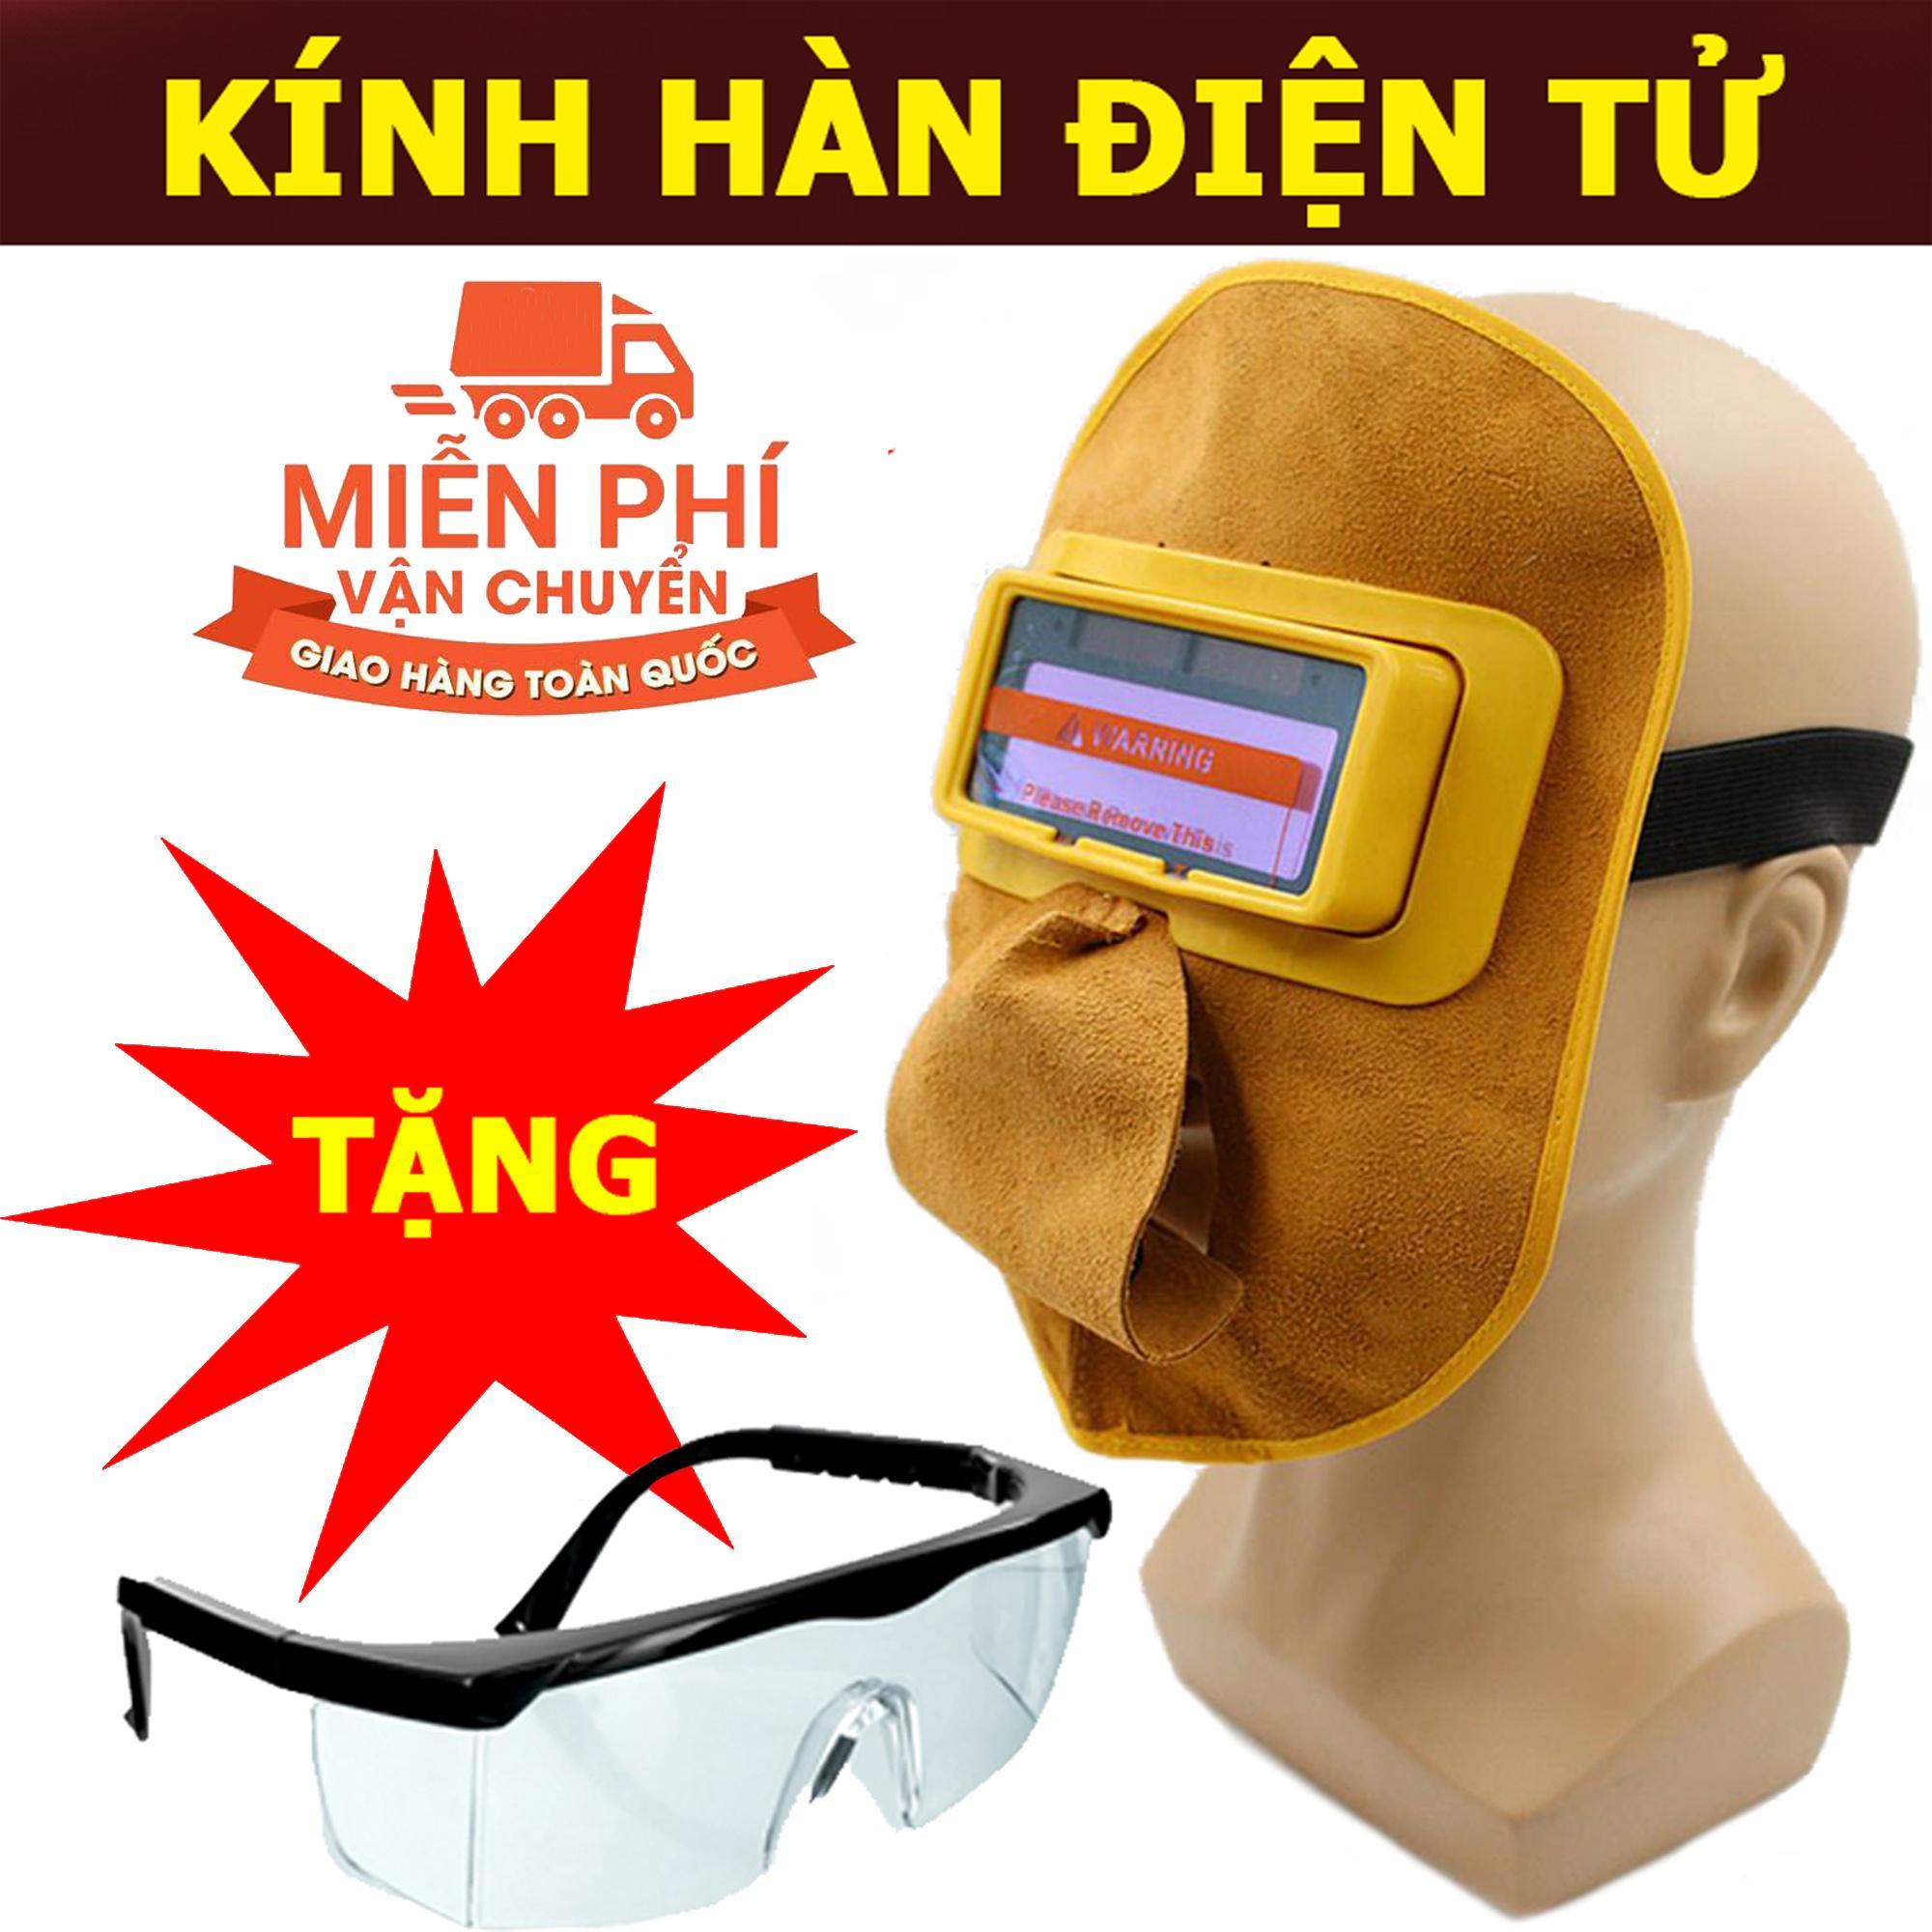 Hình ảnh Kính hàn điện tử tự động cảm biến ánh sáng KH03 + Tặng kính bảo hộ và dây đeo